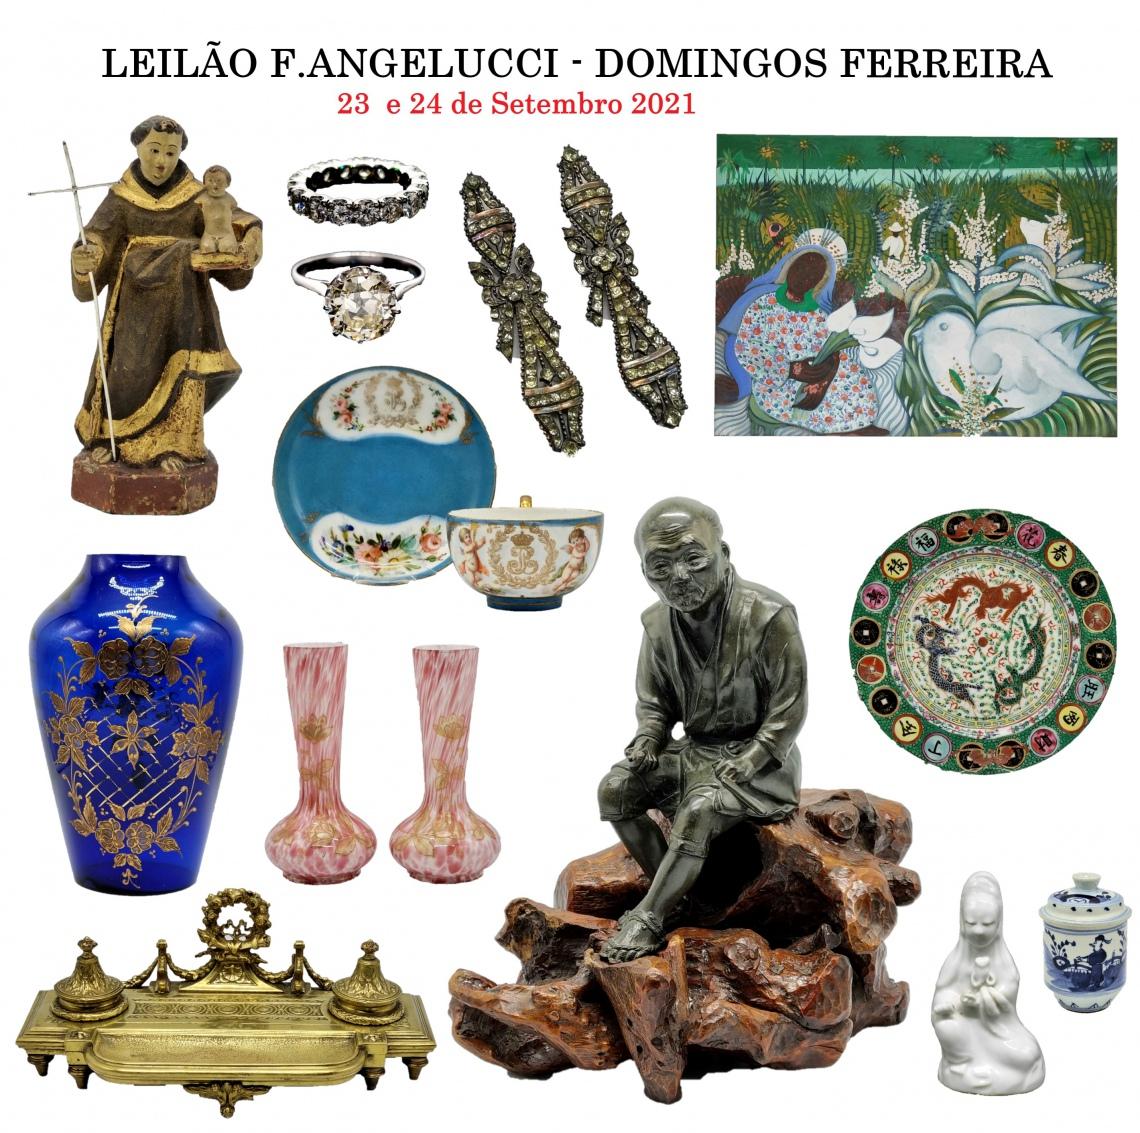 LEILÃO F. ANGELUCCI - DOMINGOS FERREIRA